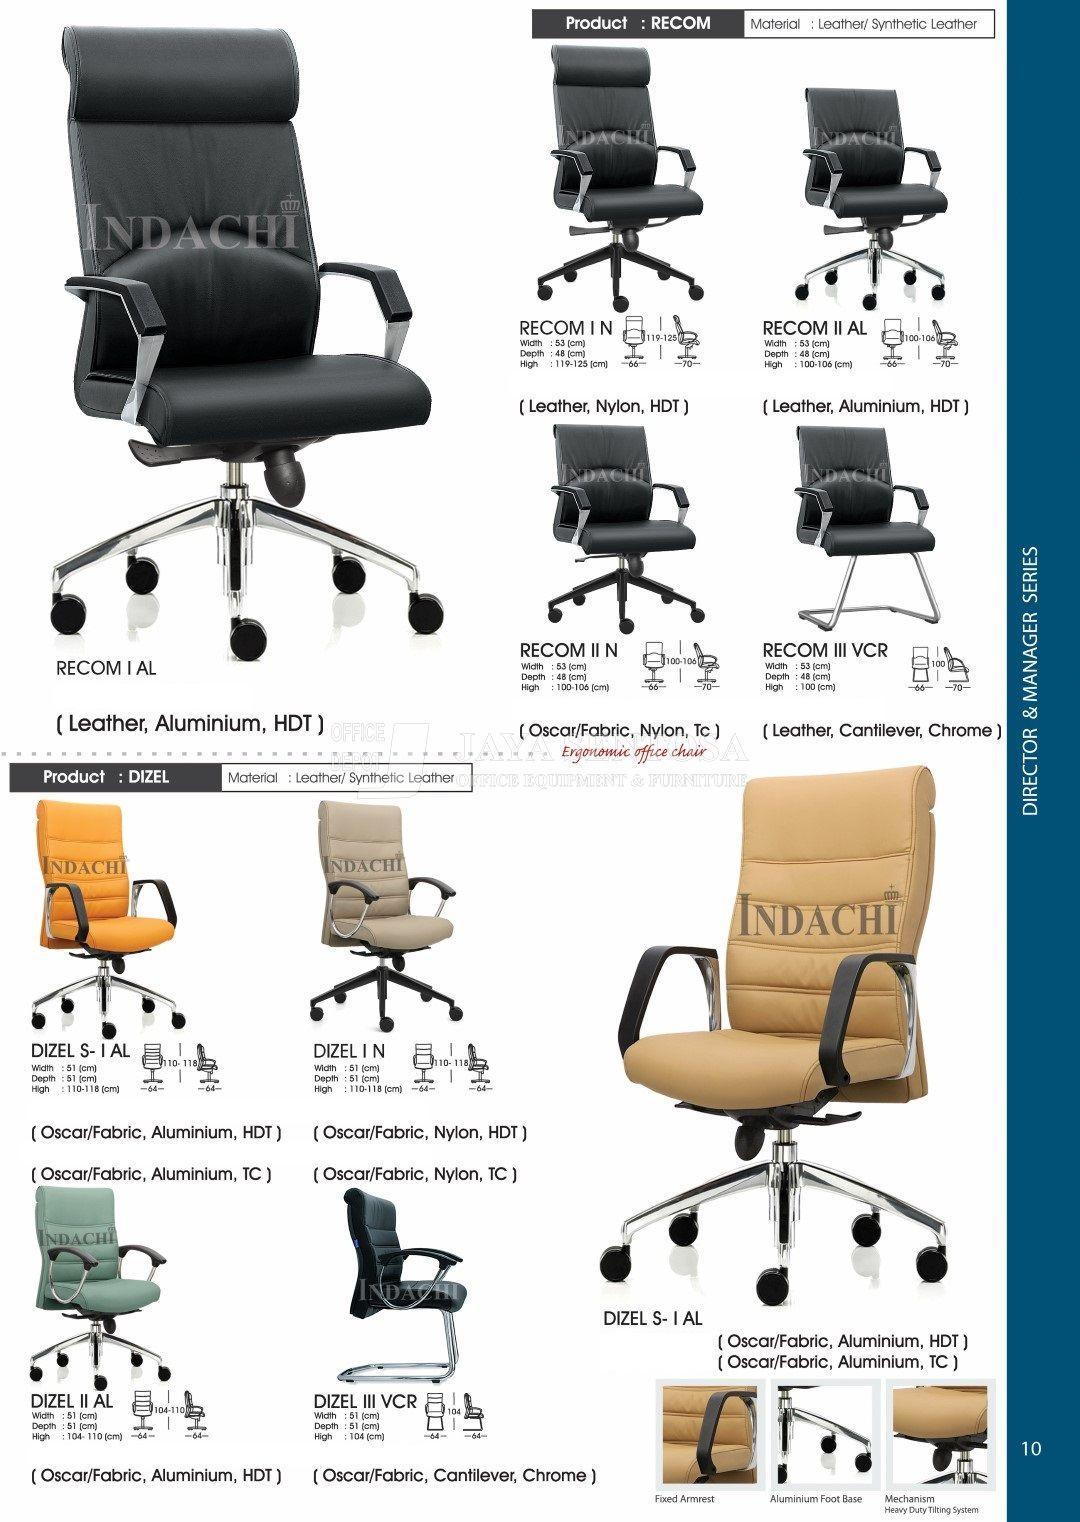 Jaya Sentosa Furniture Kursi Kantor Savello Modern Design Indachi Direktur Eksekutif Dan Manager 10